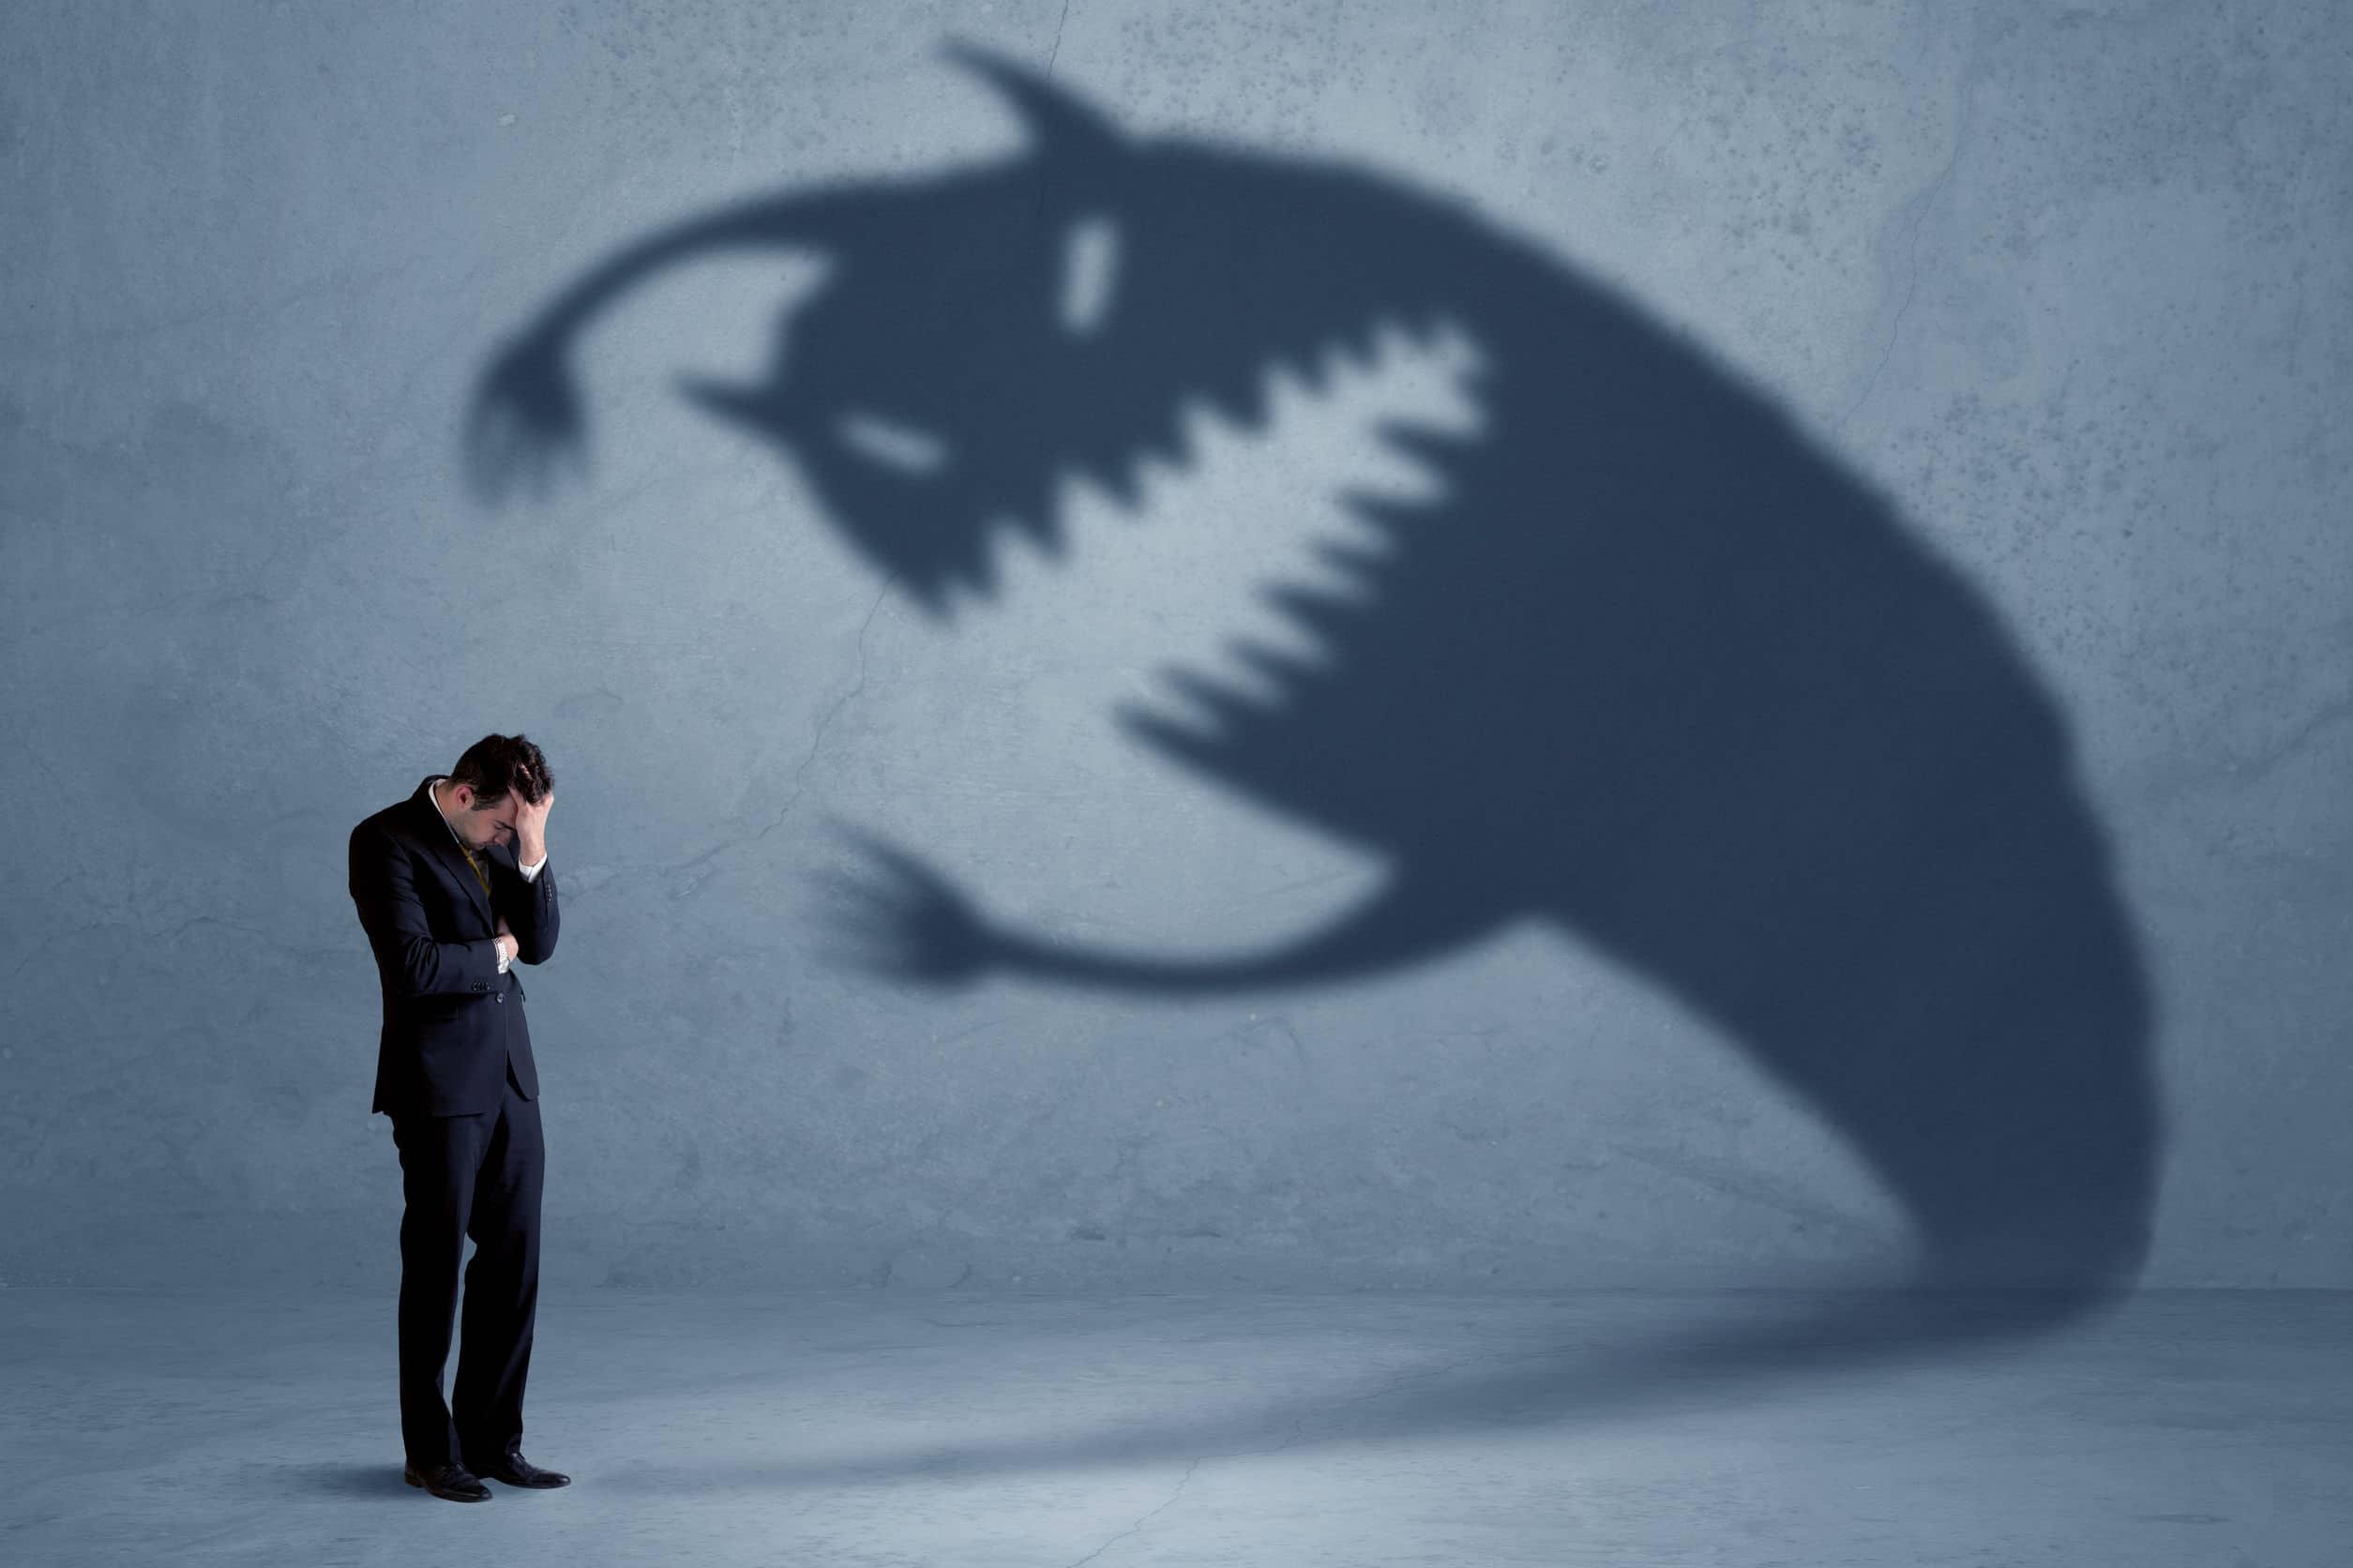 Homem com medo de uma sombra monstruosa projetada na parede.